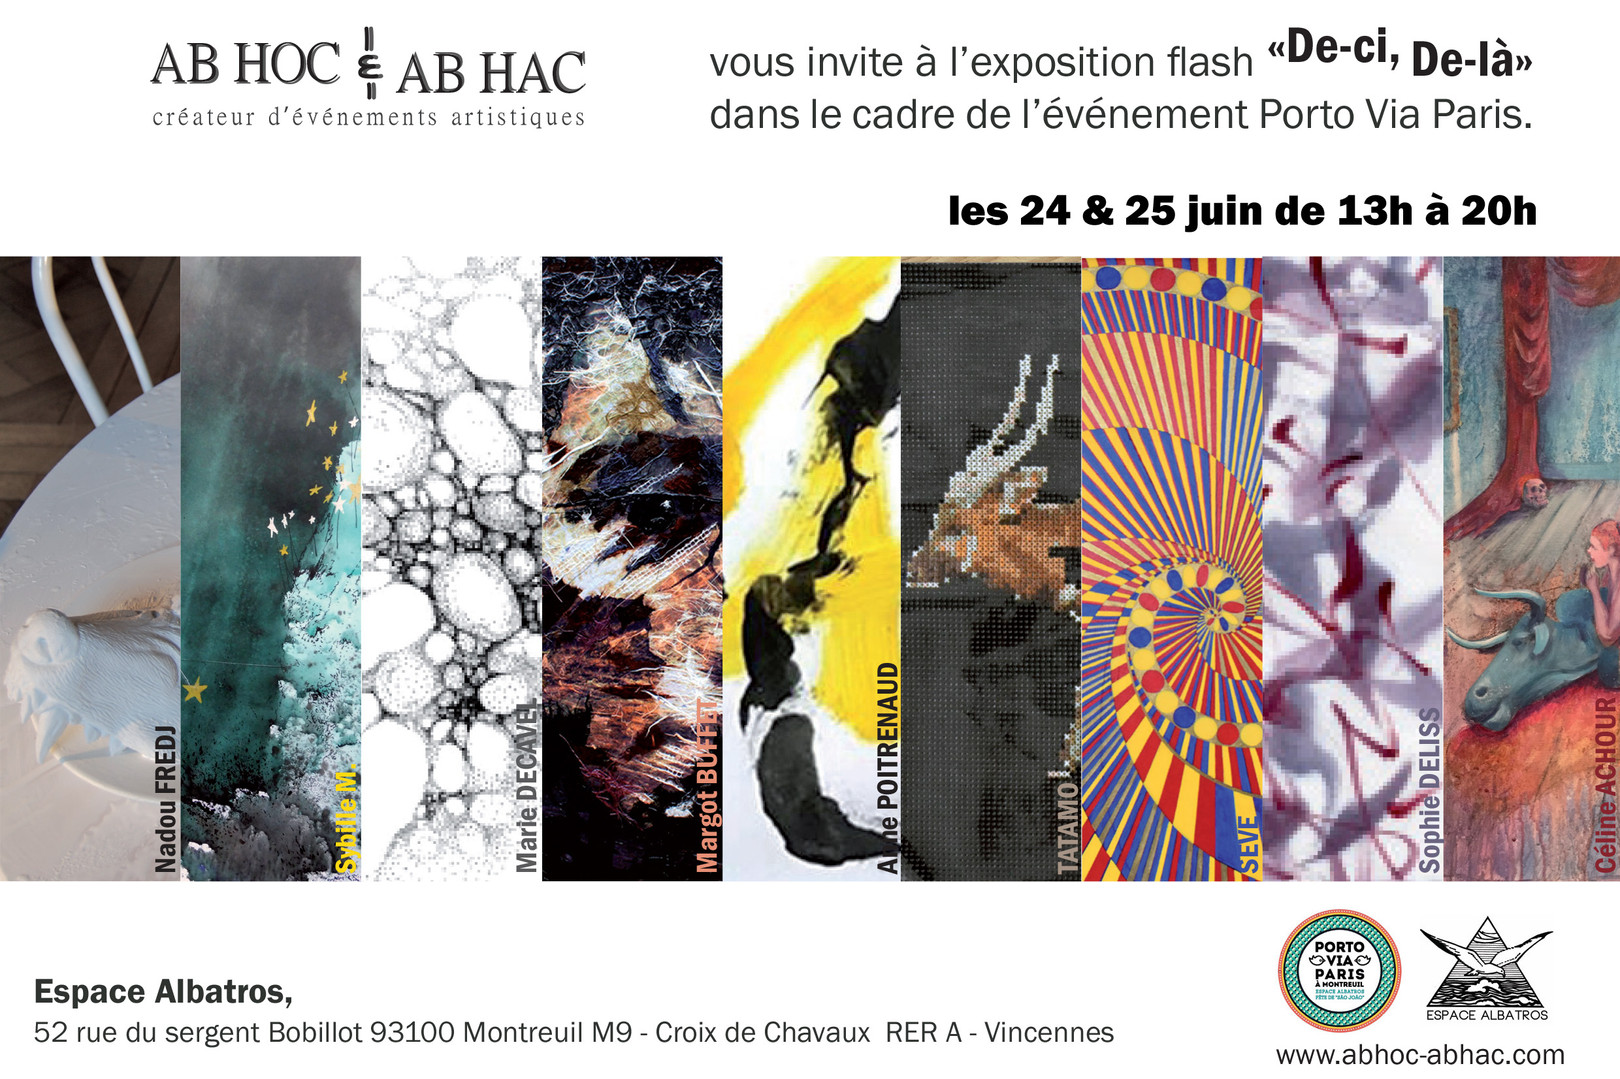 AB HOC & AB HAC